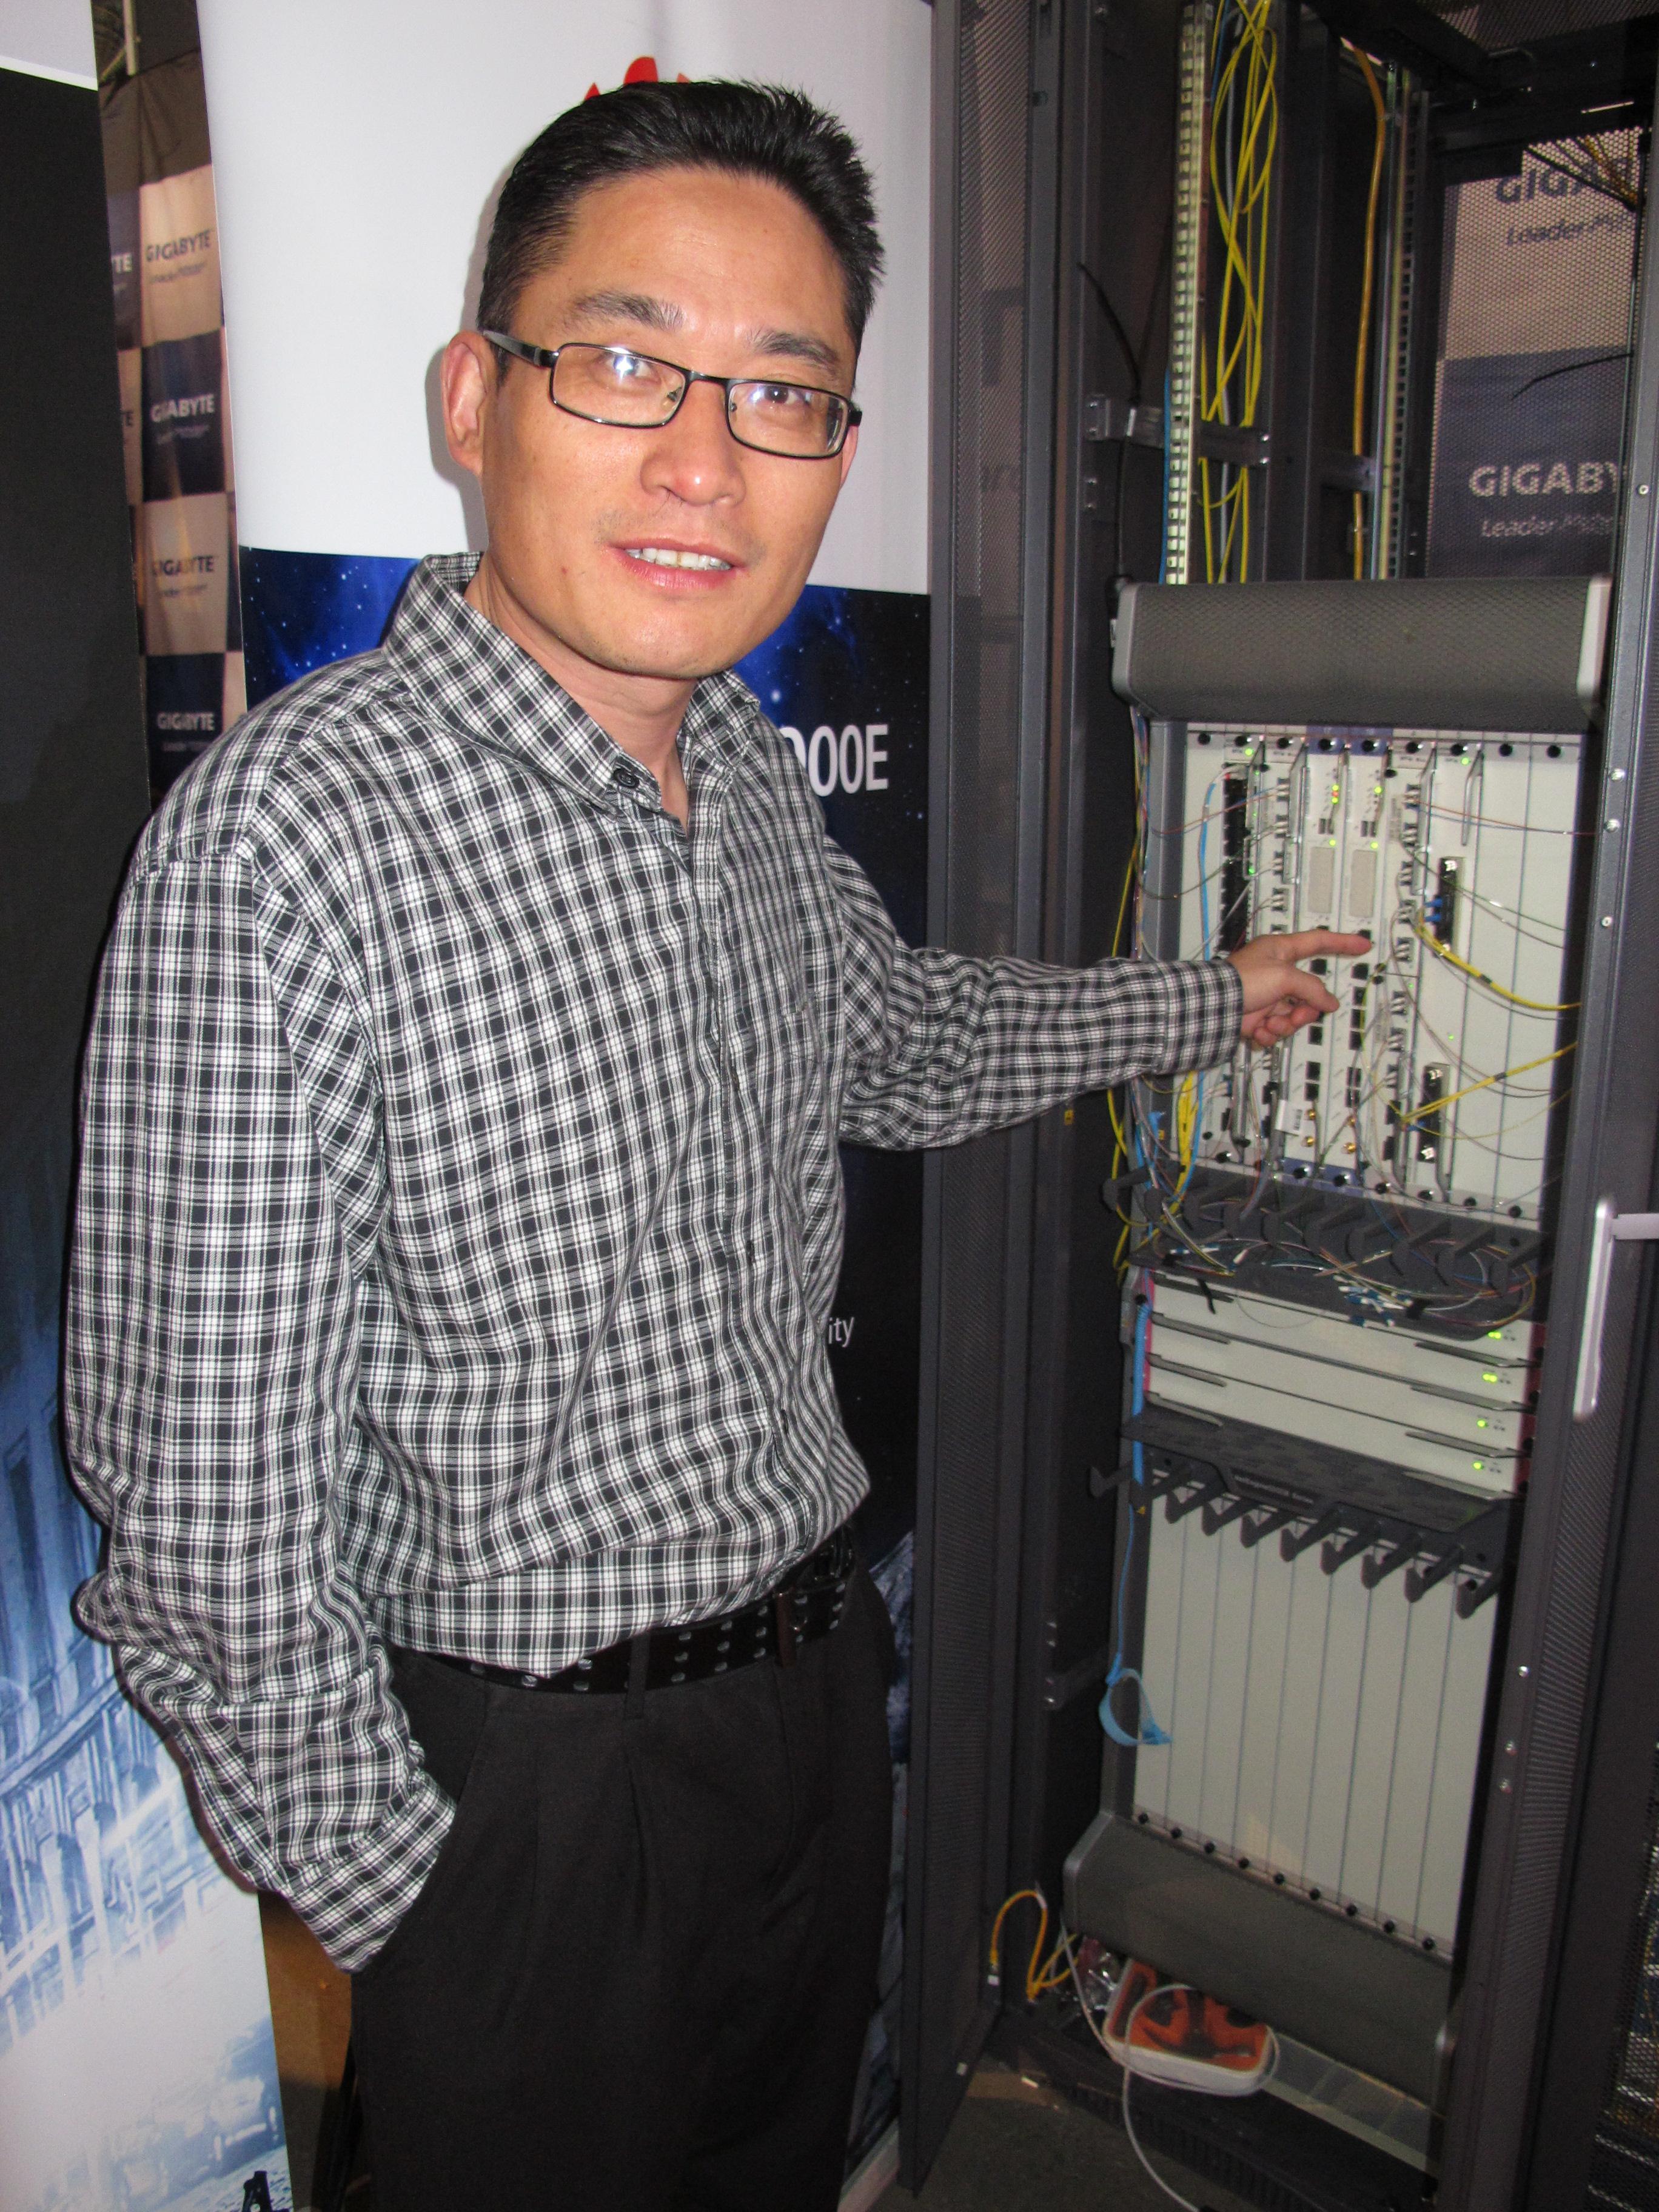 Alan Hu viser stolt frem kortet i aksjon.